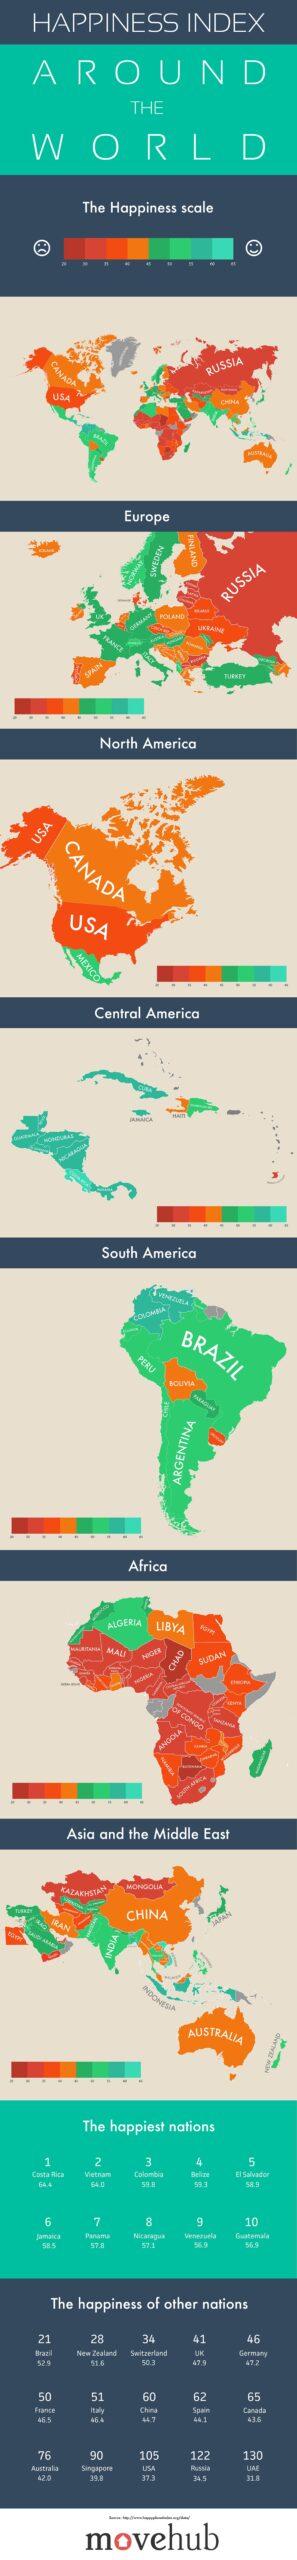 mappa della felicità nel mondo - consulentiolistici